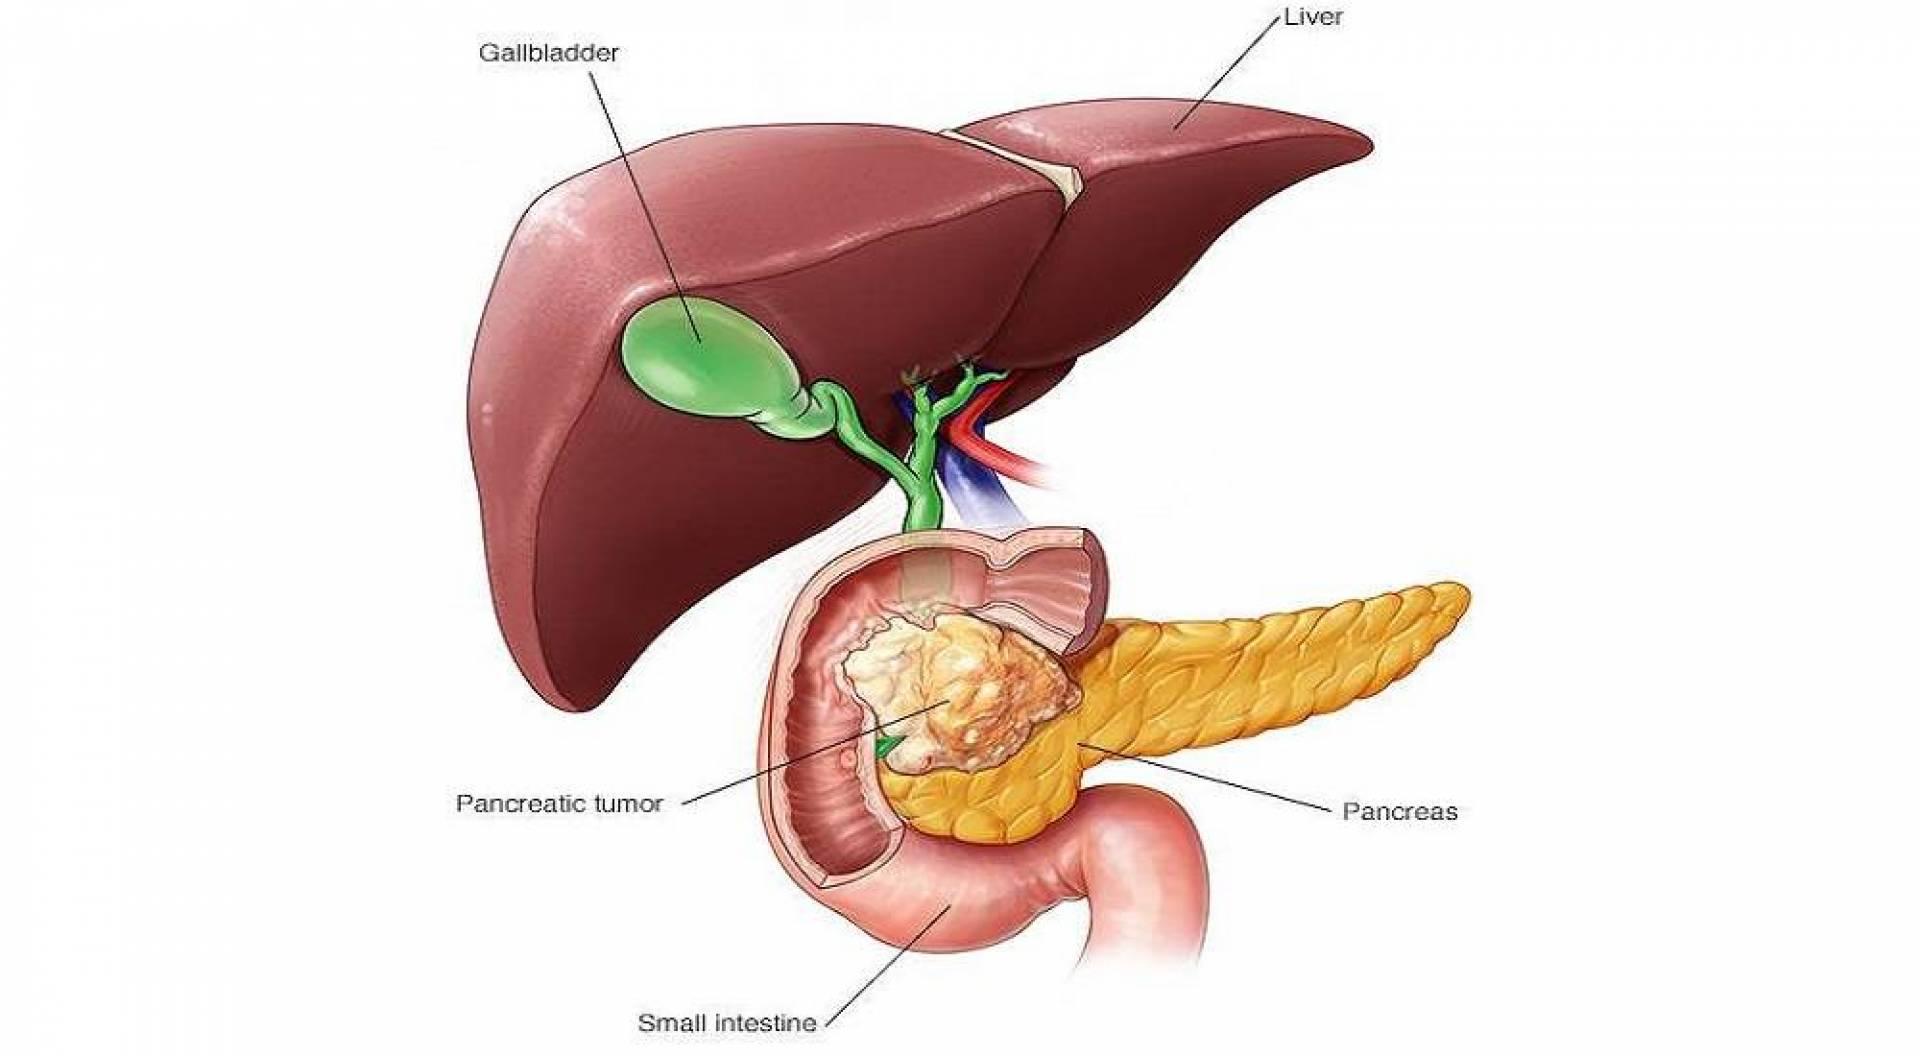 علامات وأعراض سرطان البنكرياس